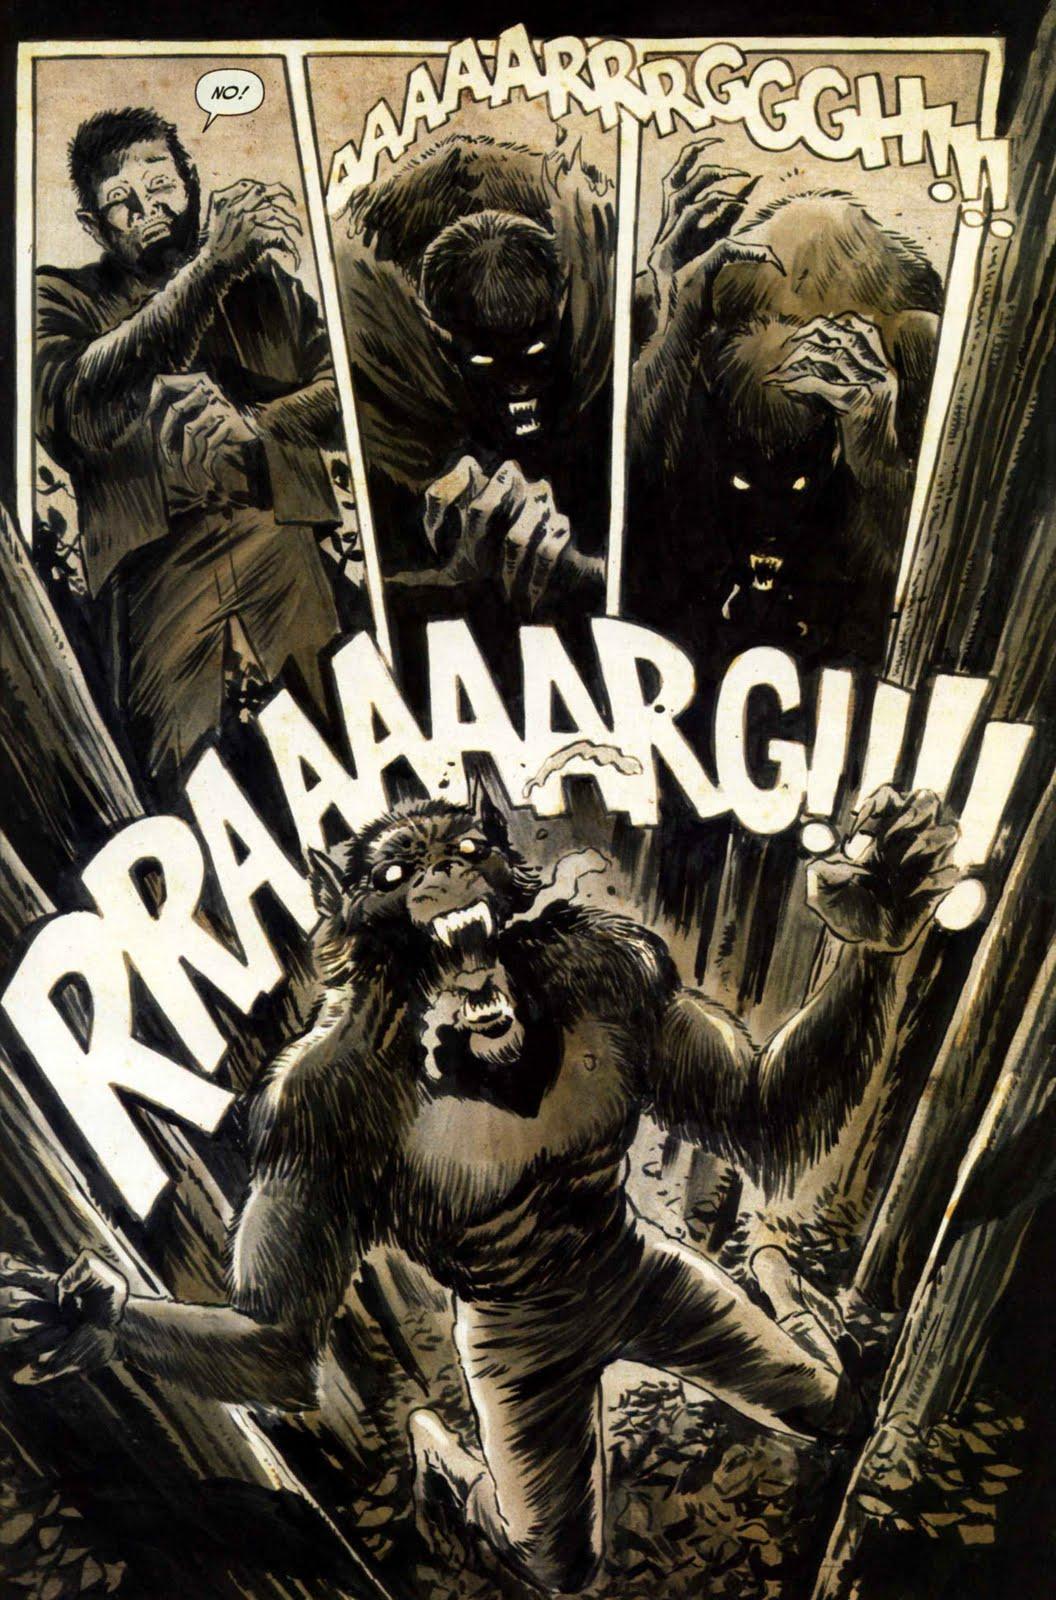 Werewolf vs weretiger - photo#29